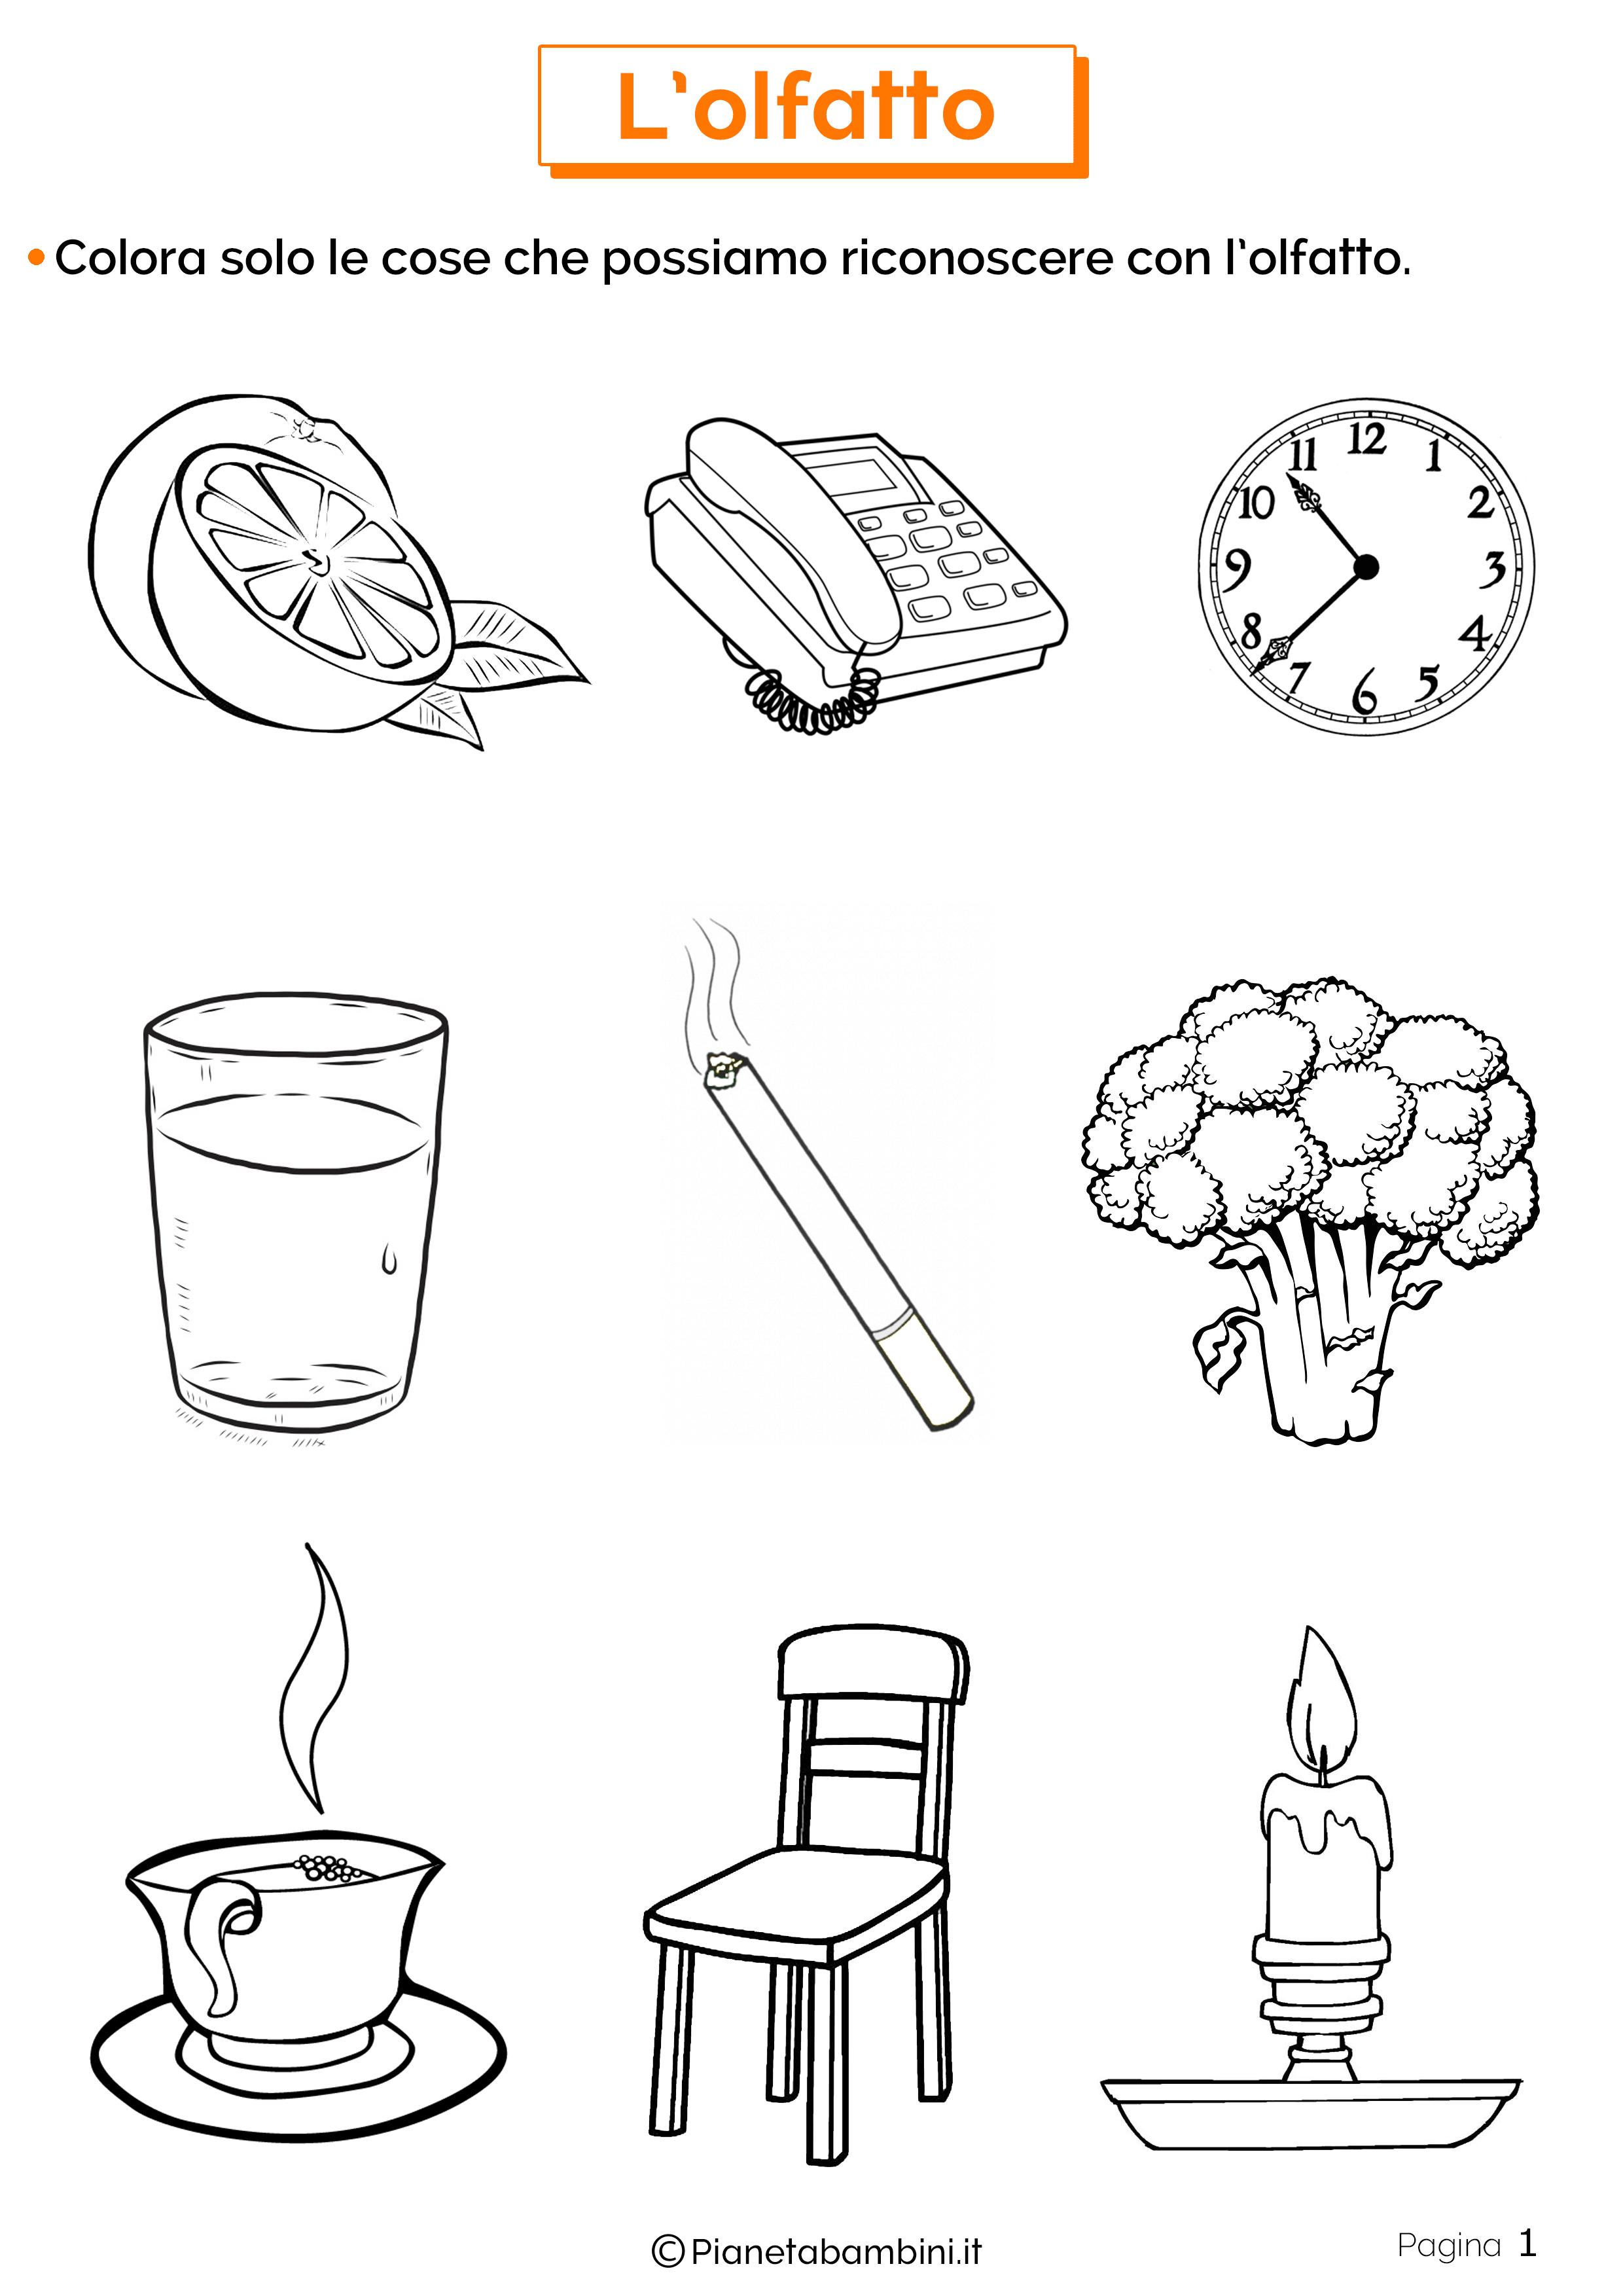 Esercizi sull'olfatto 1